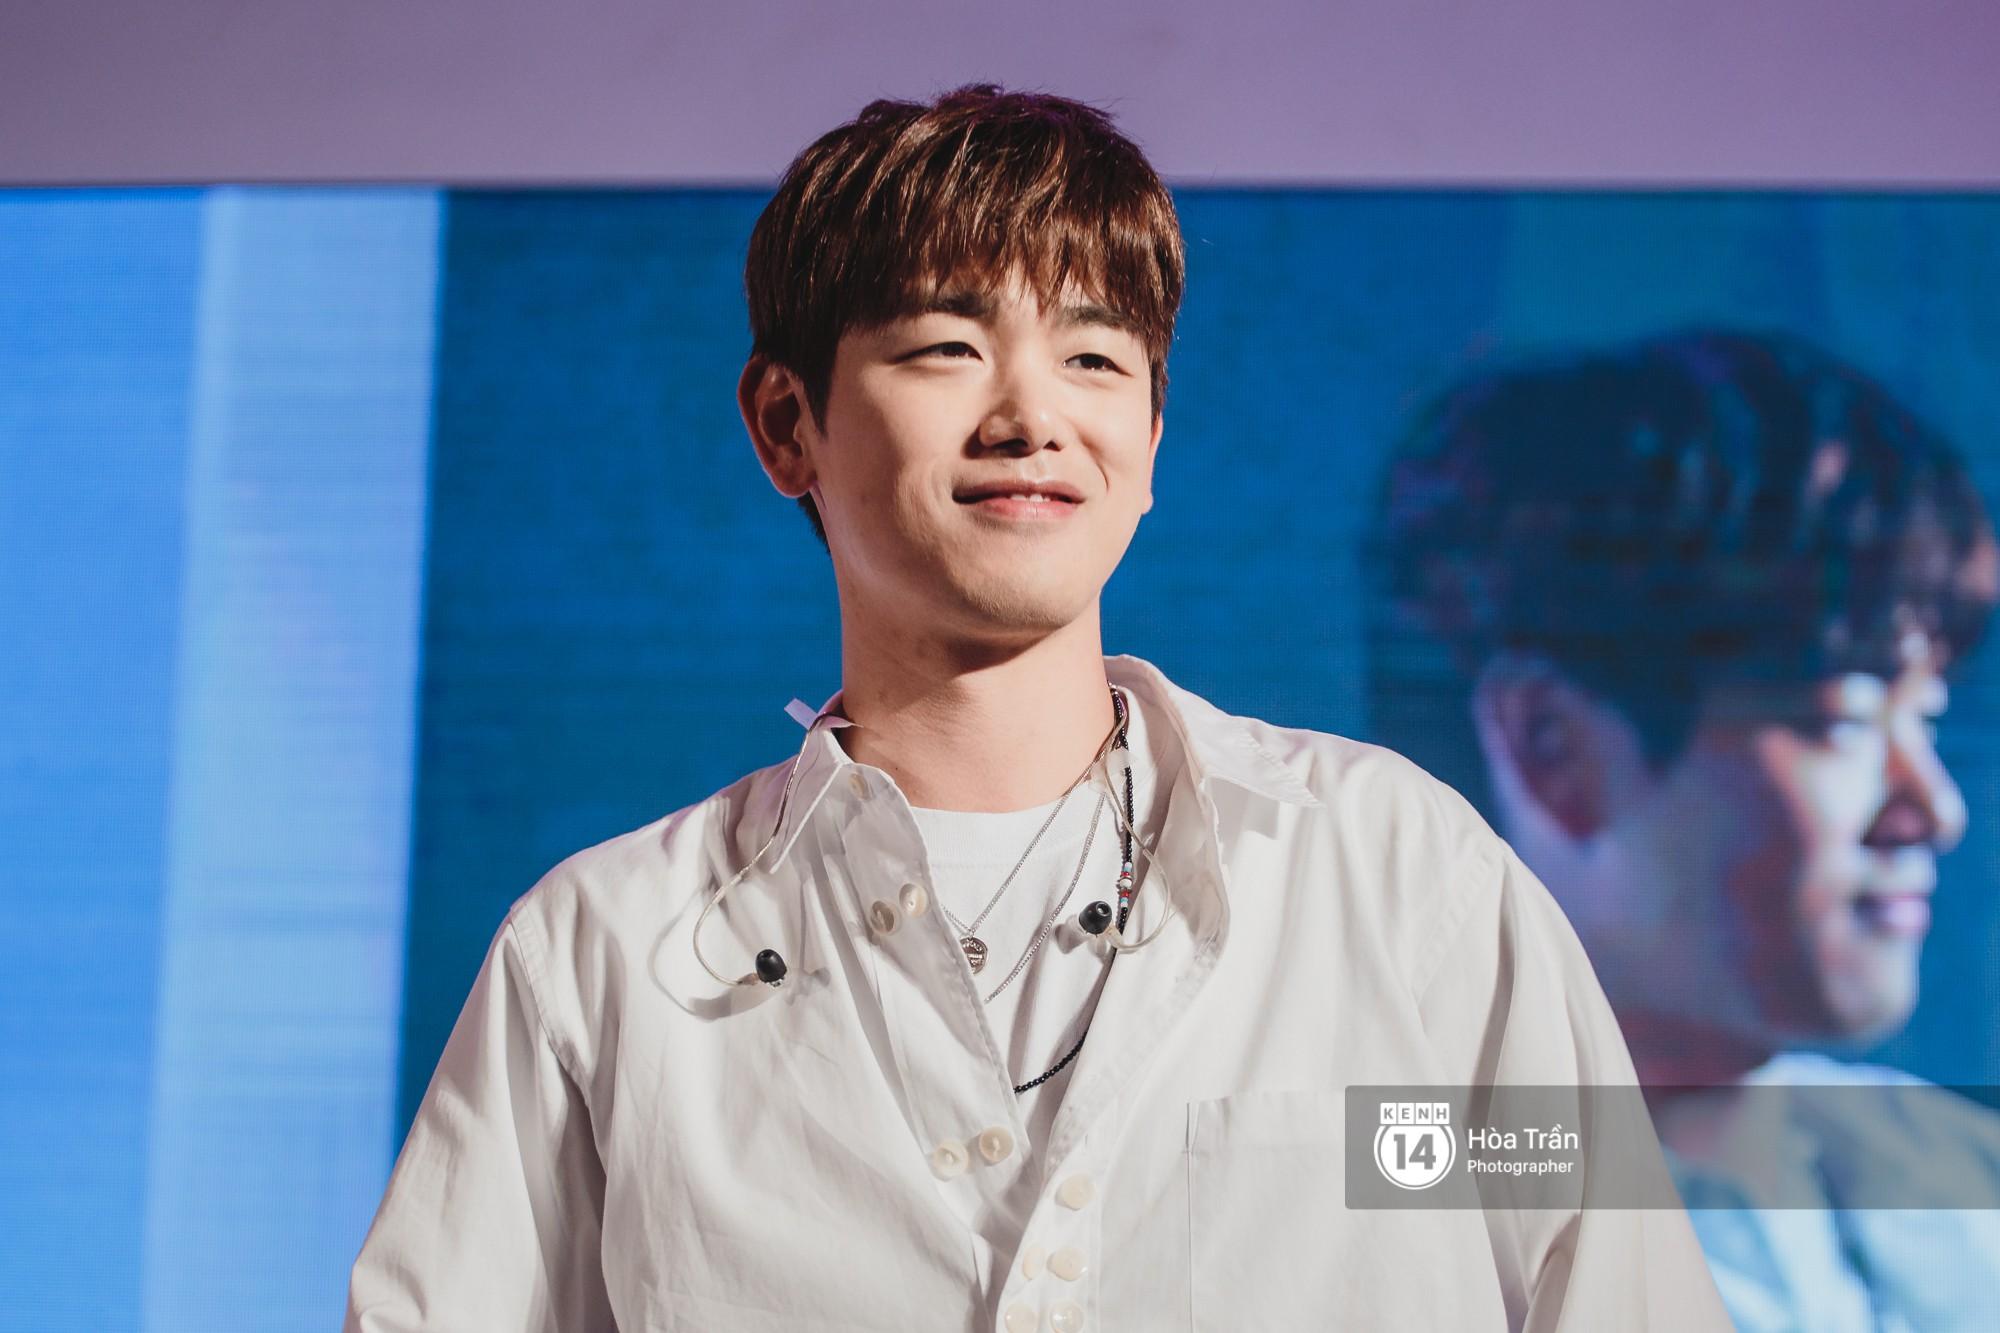 Phỏng vấn độc quyền ca sĩ Hàn - Eric Nam: Chia sẻ về thành công toàn cầu của BTS và ấn tượng với âm nhạc của một ca sĩ Việt Nam là... - Ảnh 10.